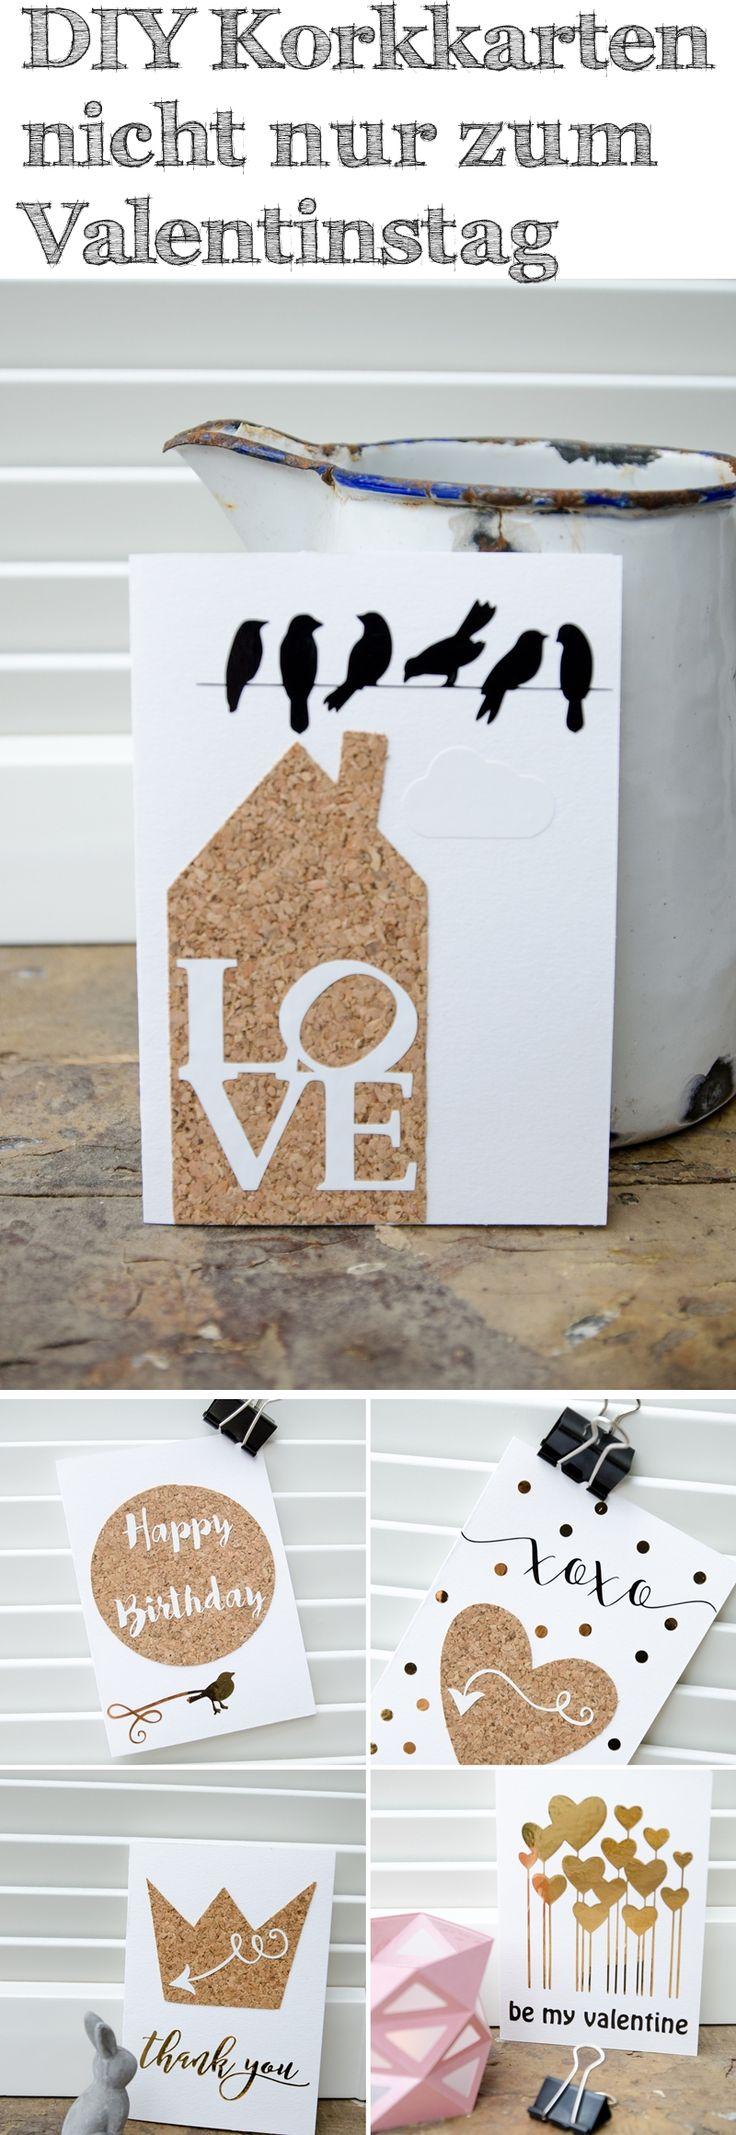 DIY Korkkarten nicht nur zum Valentinstag #diy #karten #papier #plotter #silhouettecameo #kork #Valentinstag